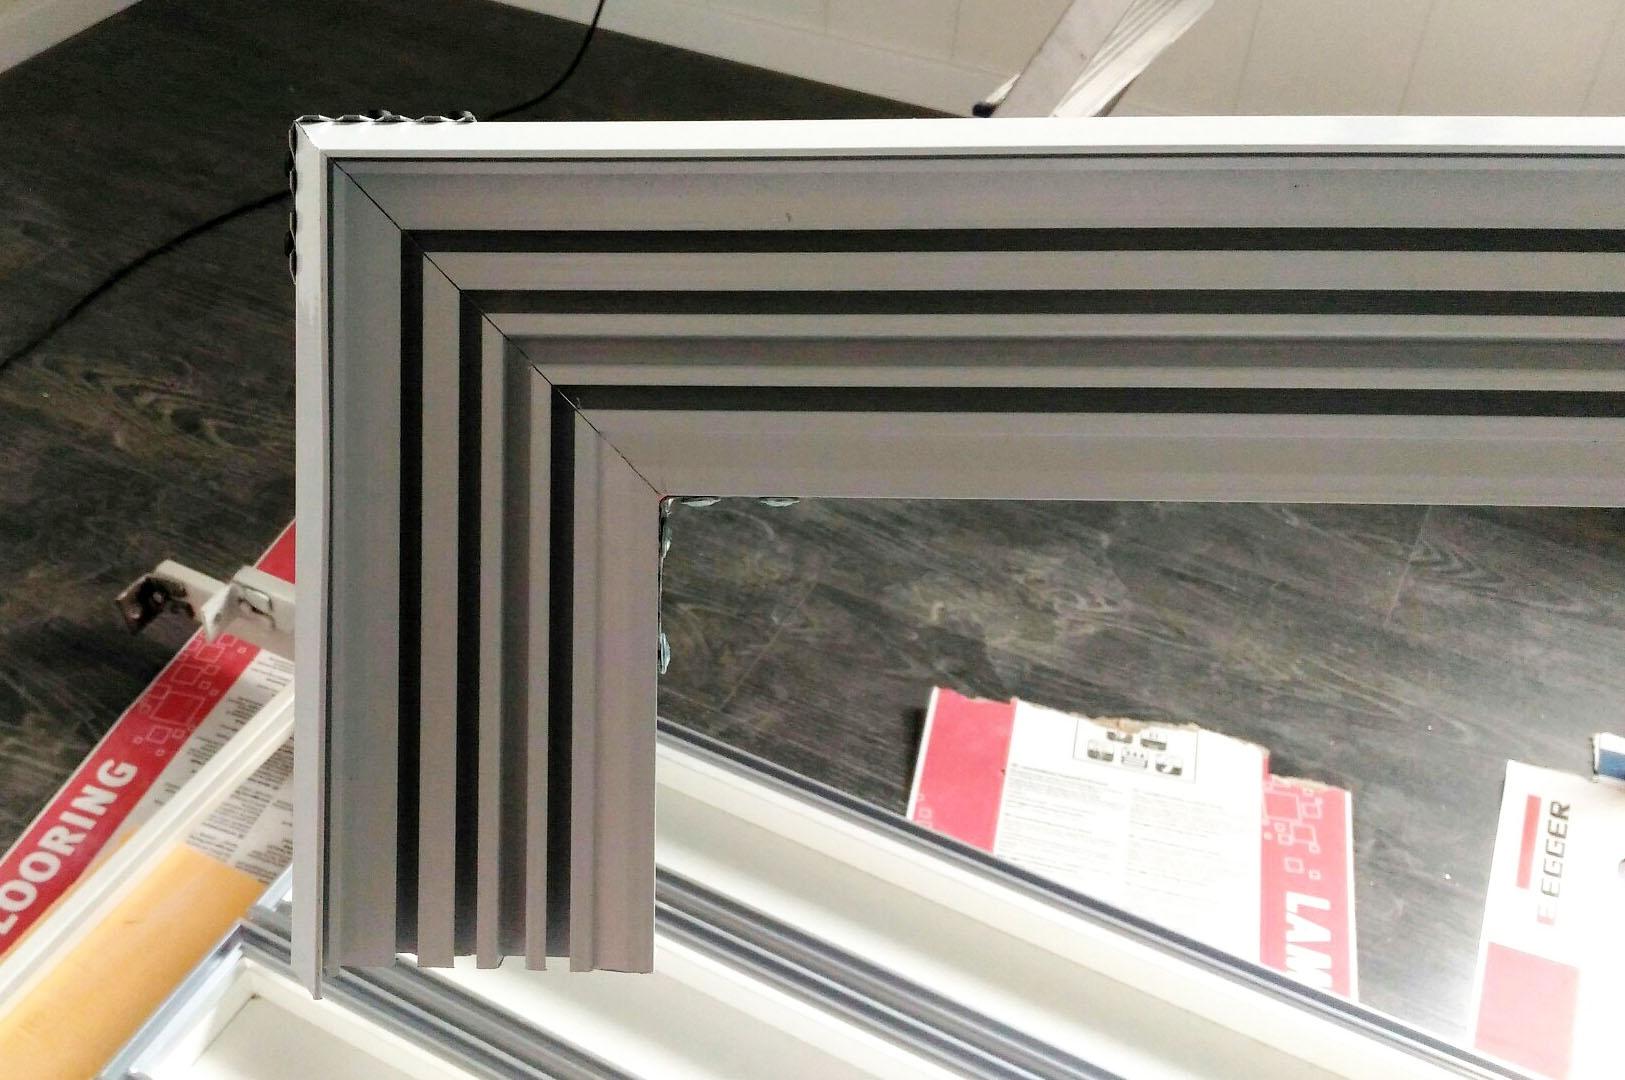 боковина смонтированная на алюминиевом профильном карнизе